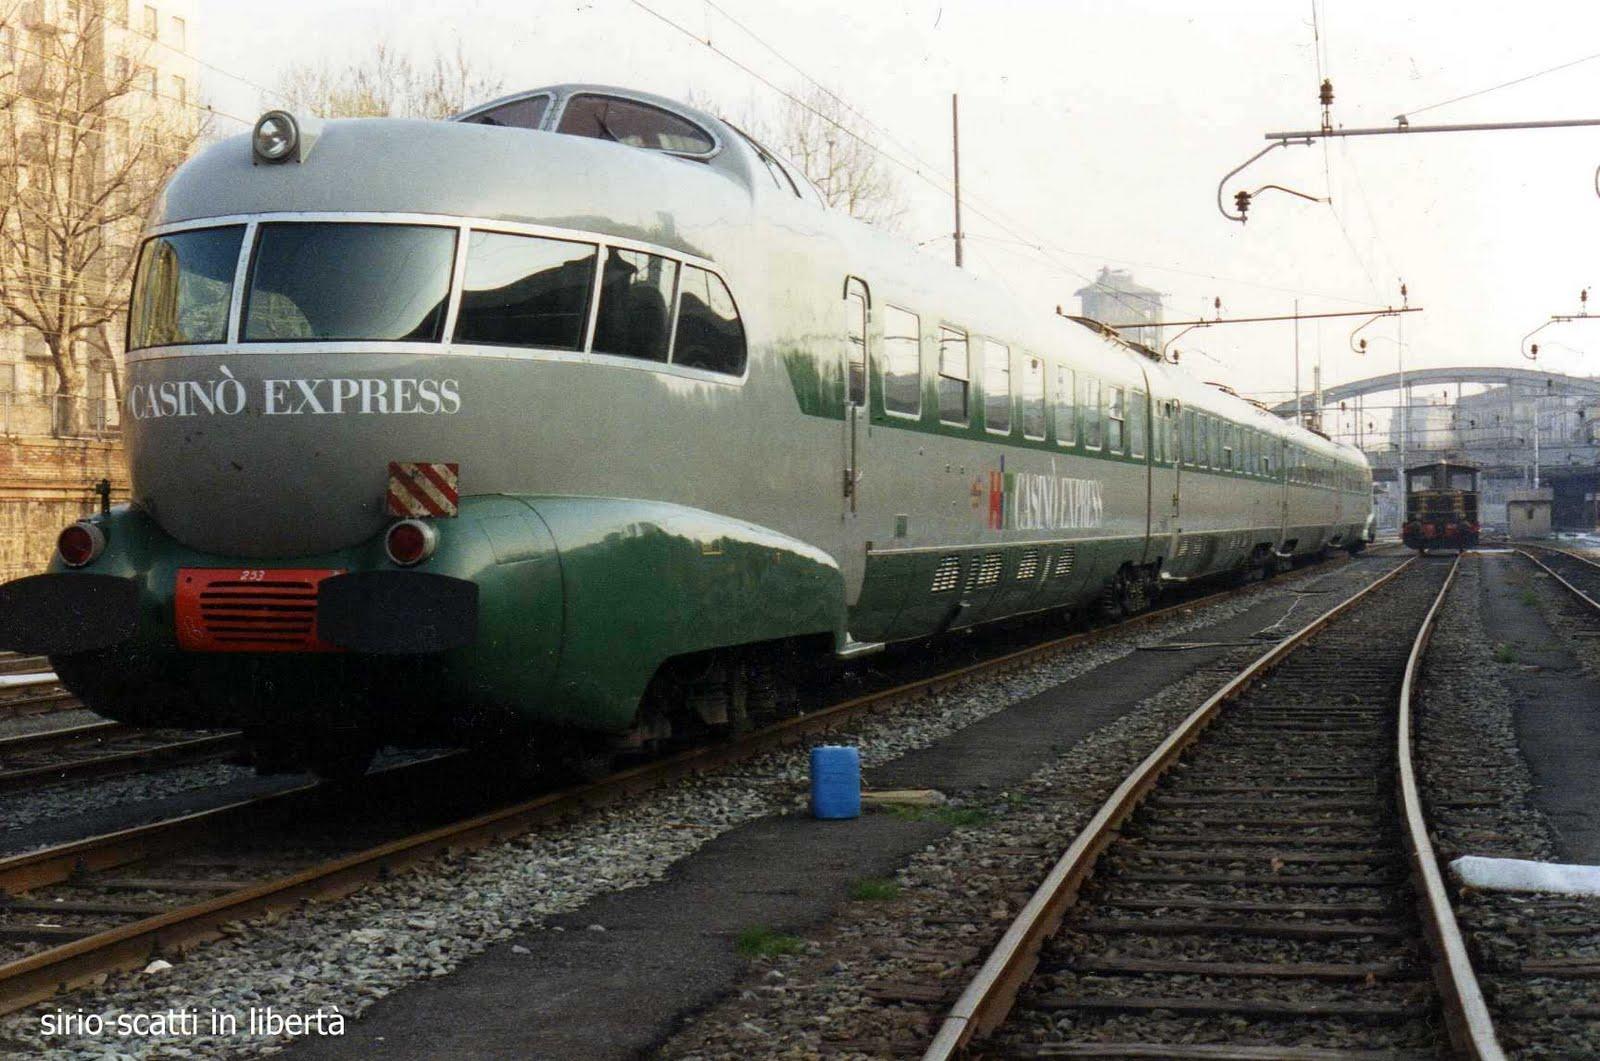 Leonardo scatti in libert quando i treni erano rapidi - Treni torino porta susa ...